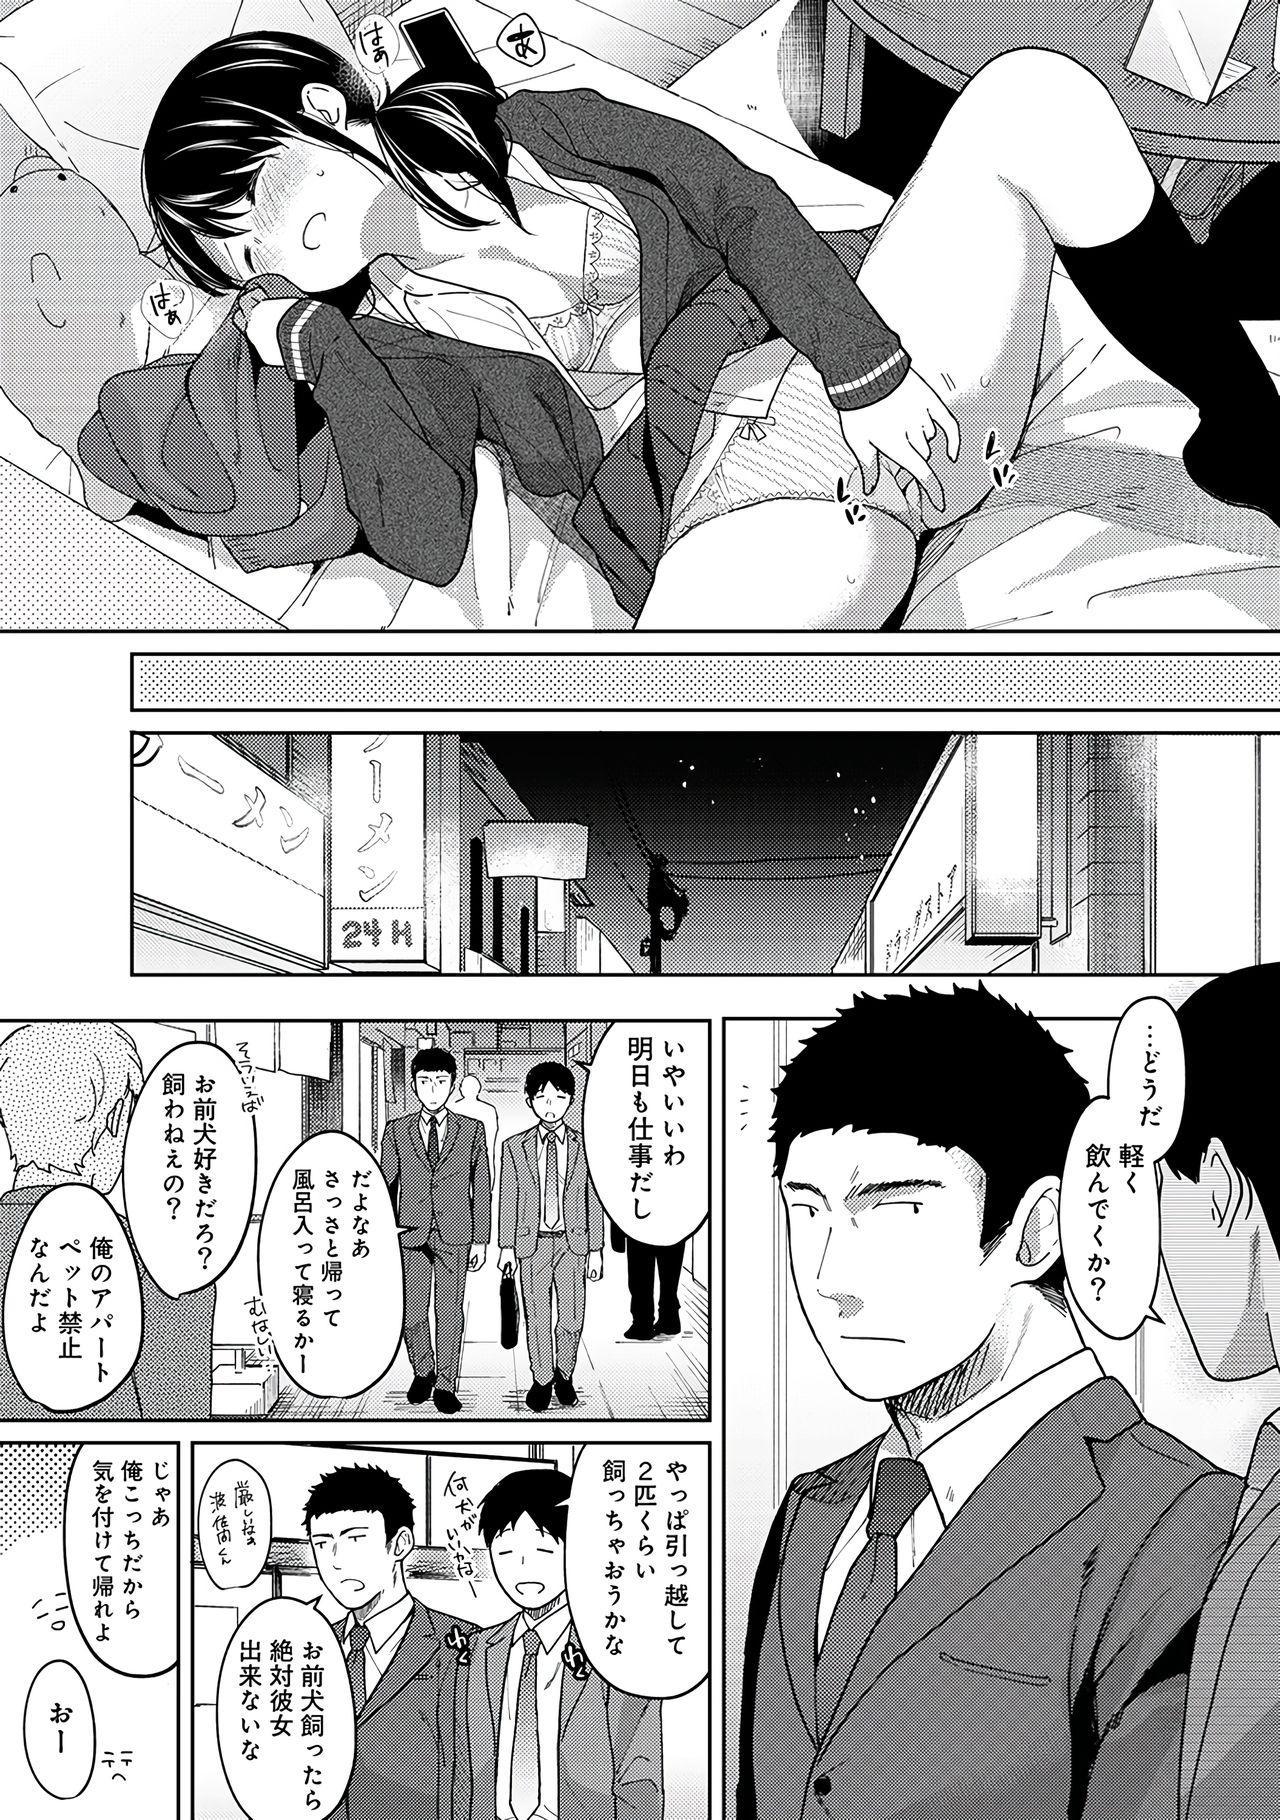 1LDK+JK Ikinari Doukyo? Micchaku!? Hatsu Ecchi!!? Vol.2 36